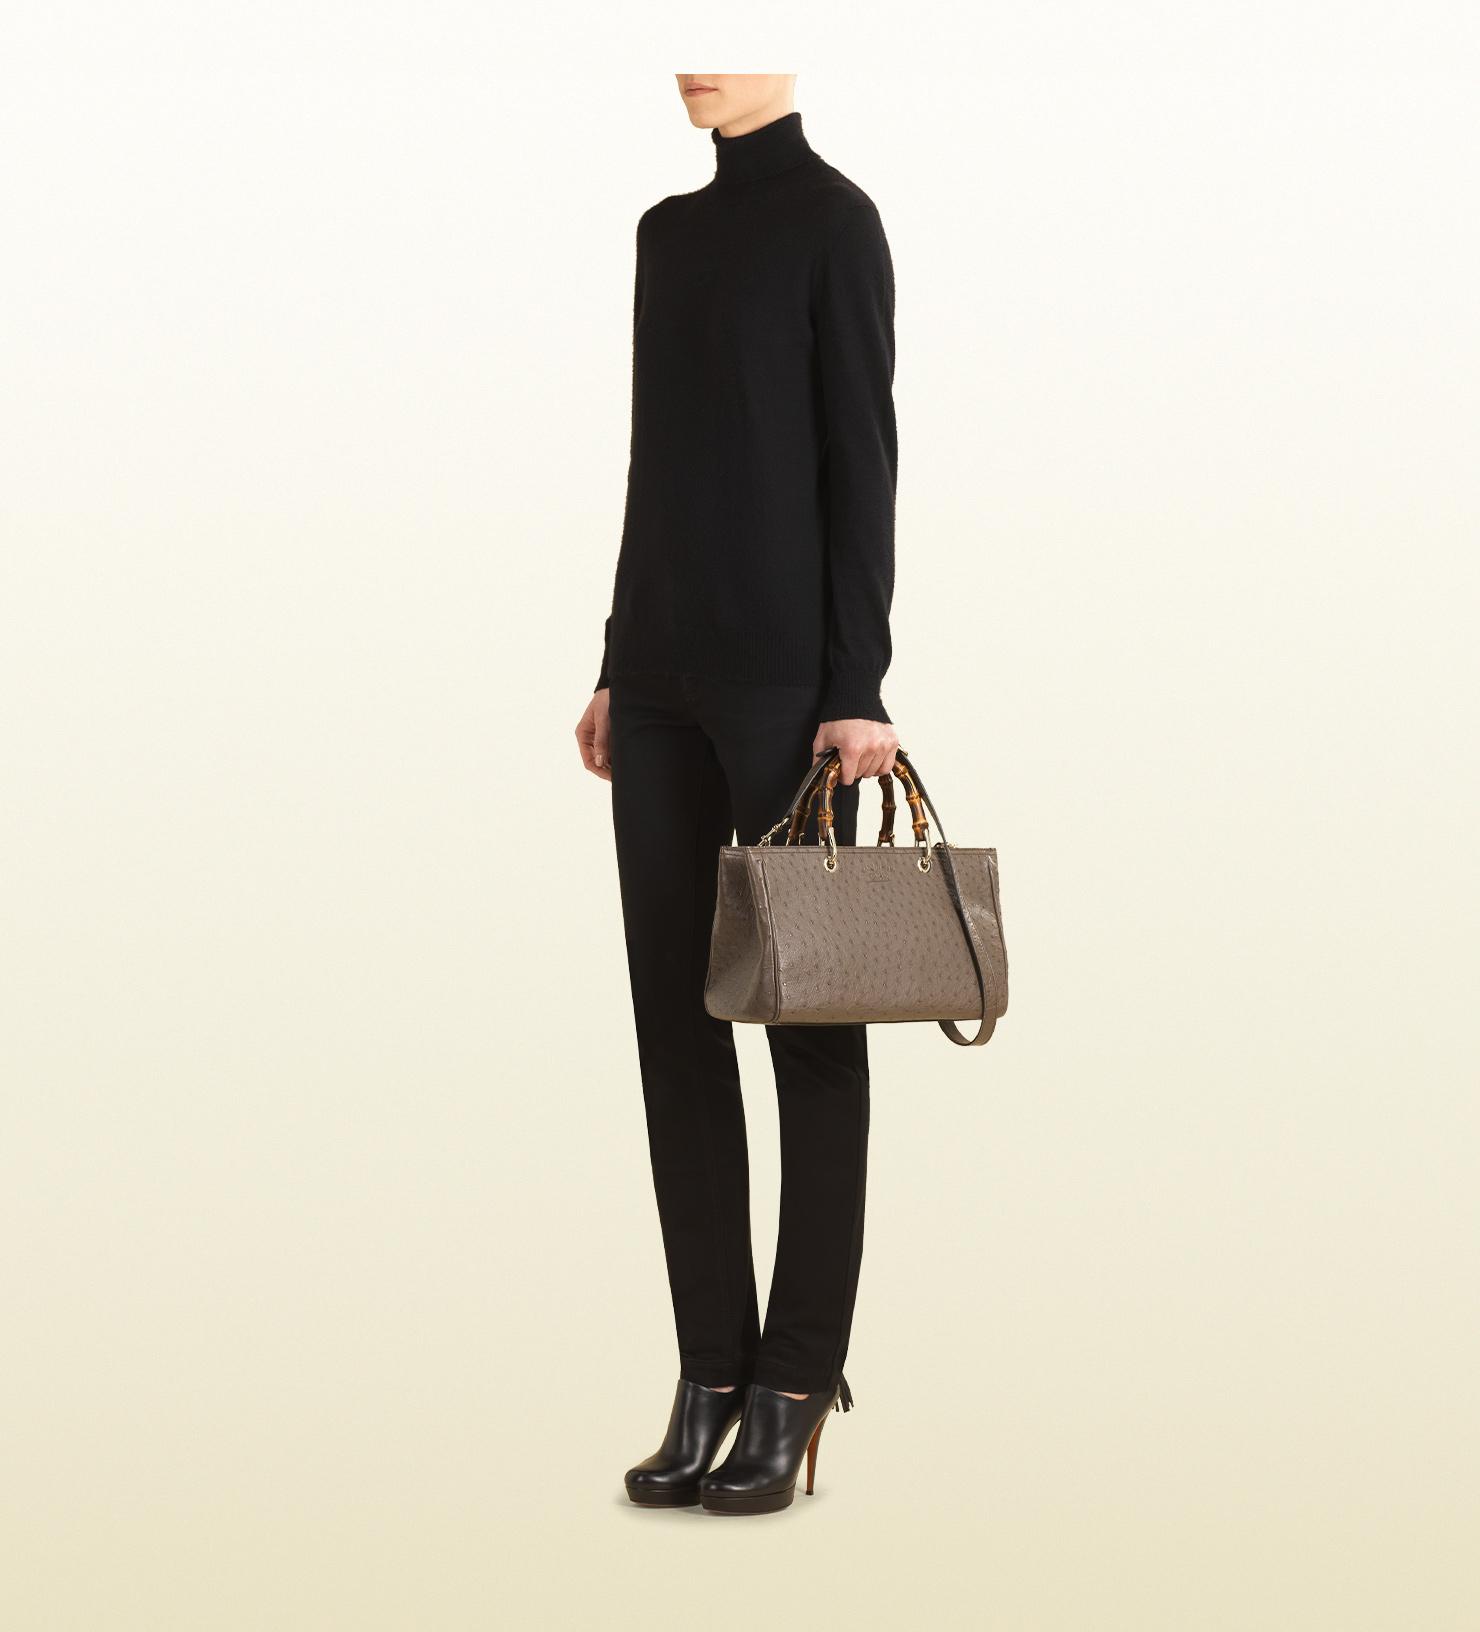 c0723beb1a8a Gucci Bamboo Shopper Ostrich Leather Tote in Brown - Lyst